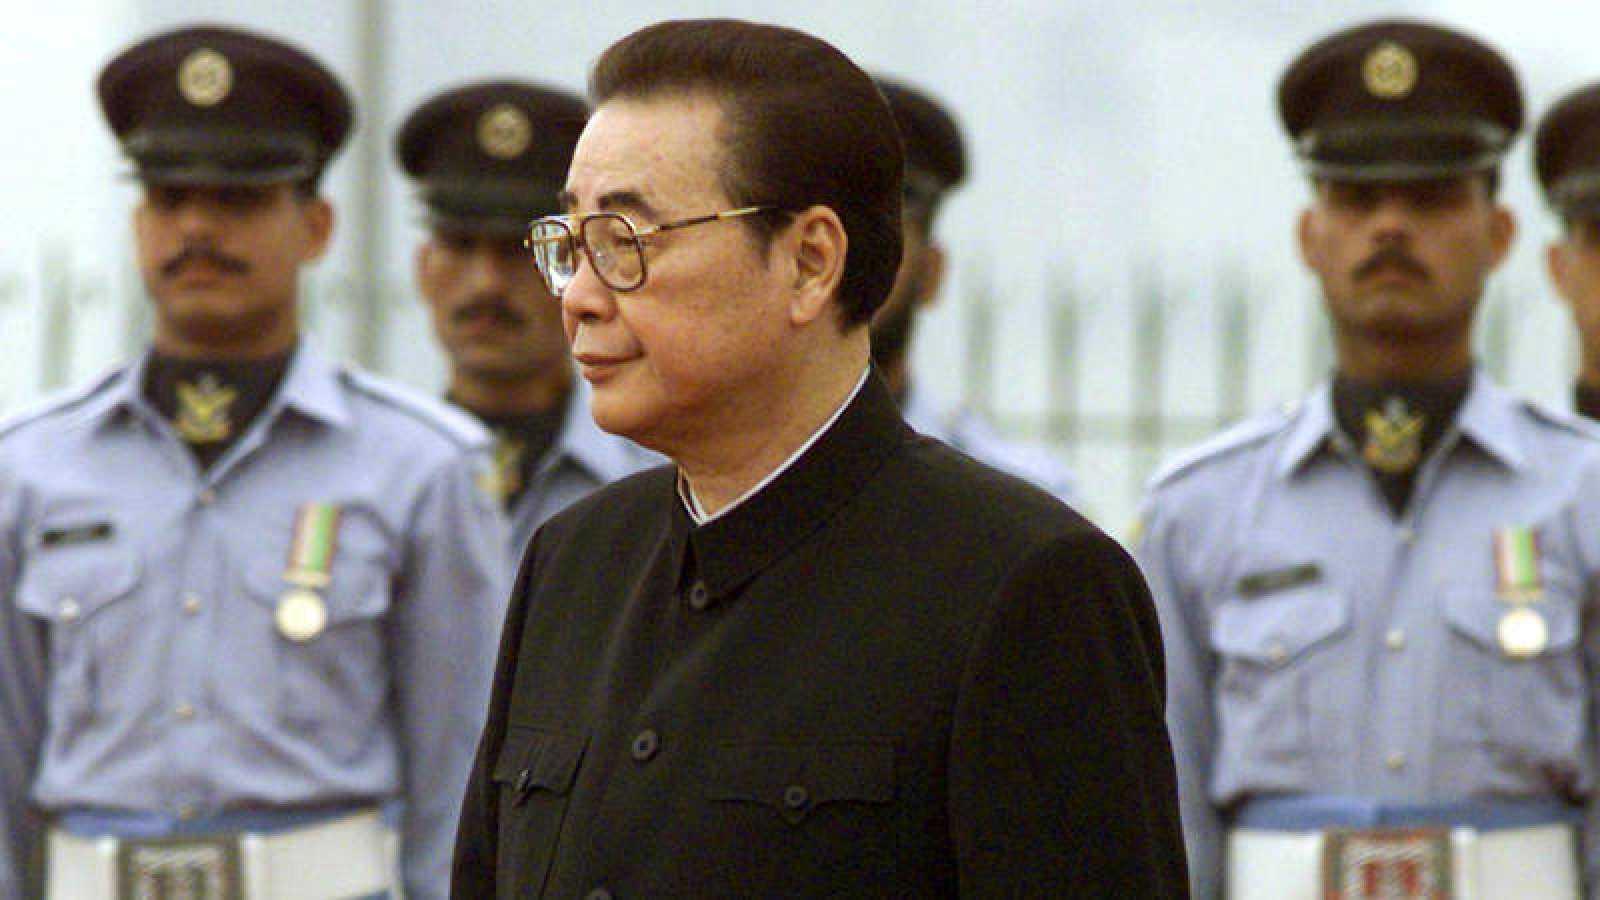 Li Peng, primer ministro chino entre 1987 y 1998 y principal responsable de la masacre de Tiananmen, ha fallecido a los 91 años.